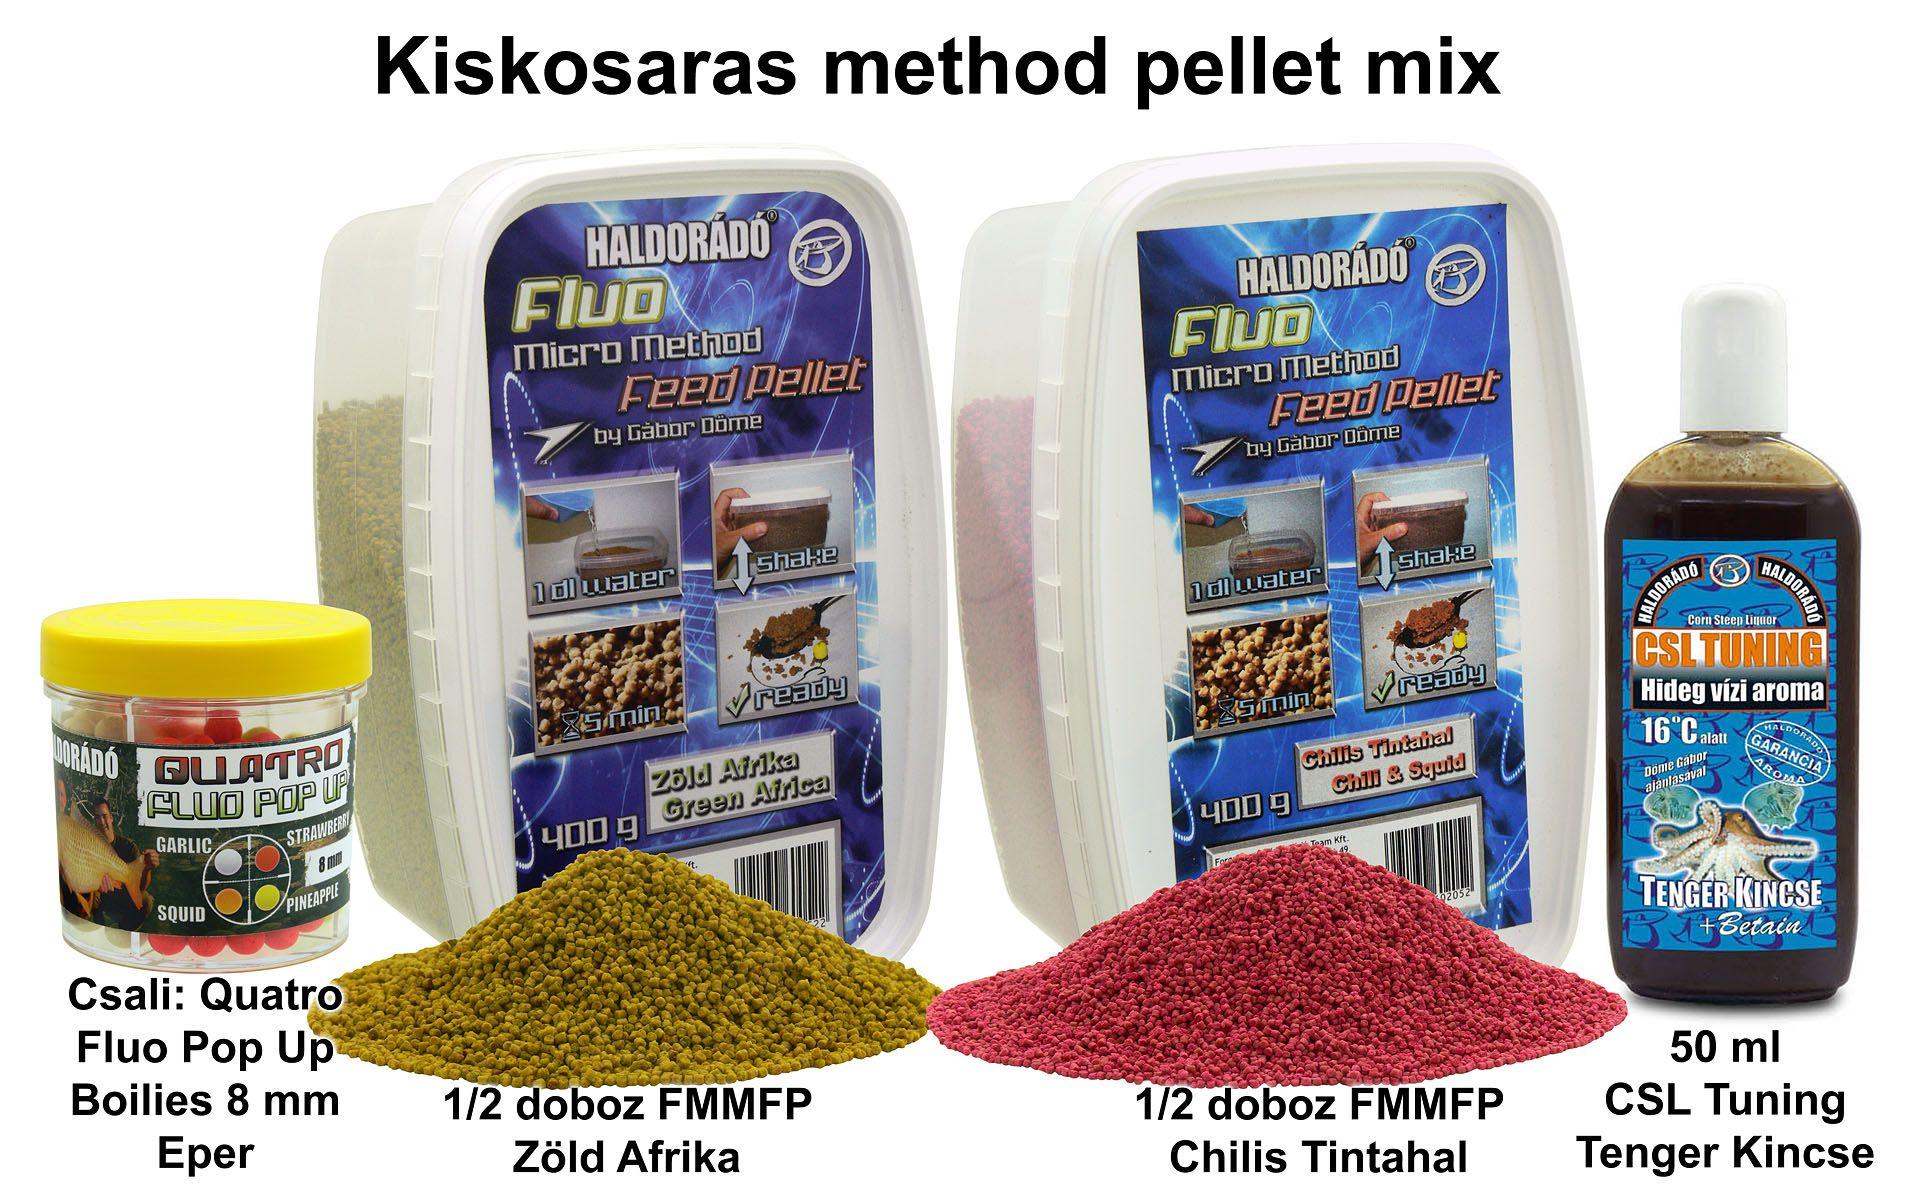 Kiskosaras method pellet mix